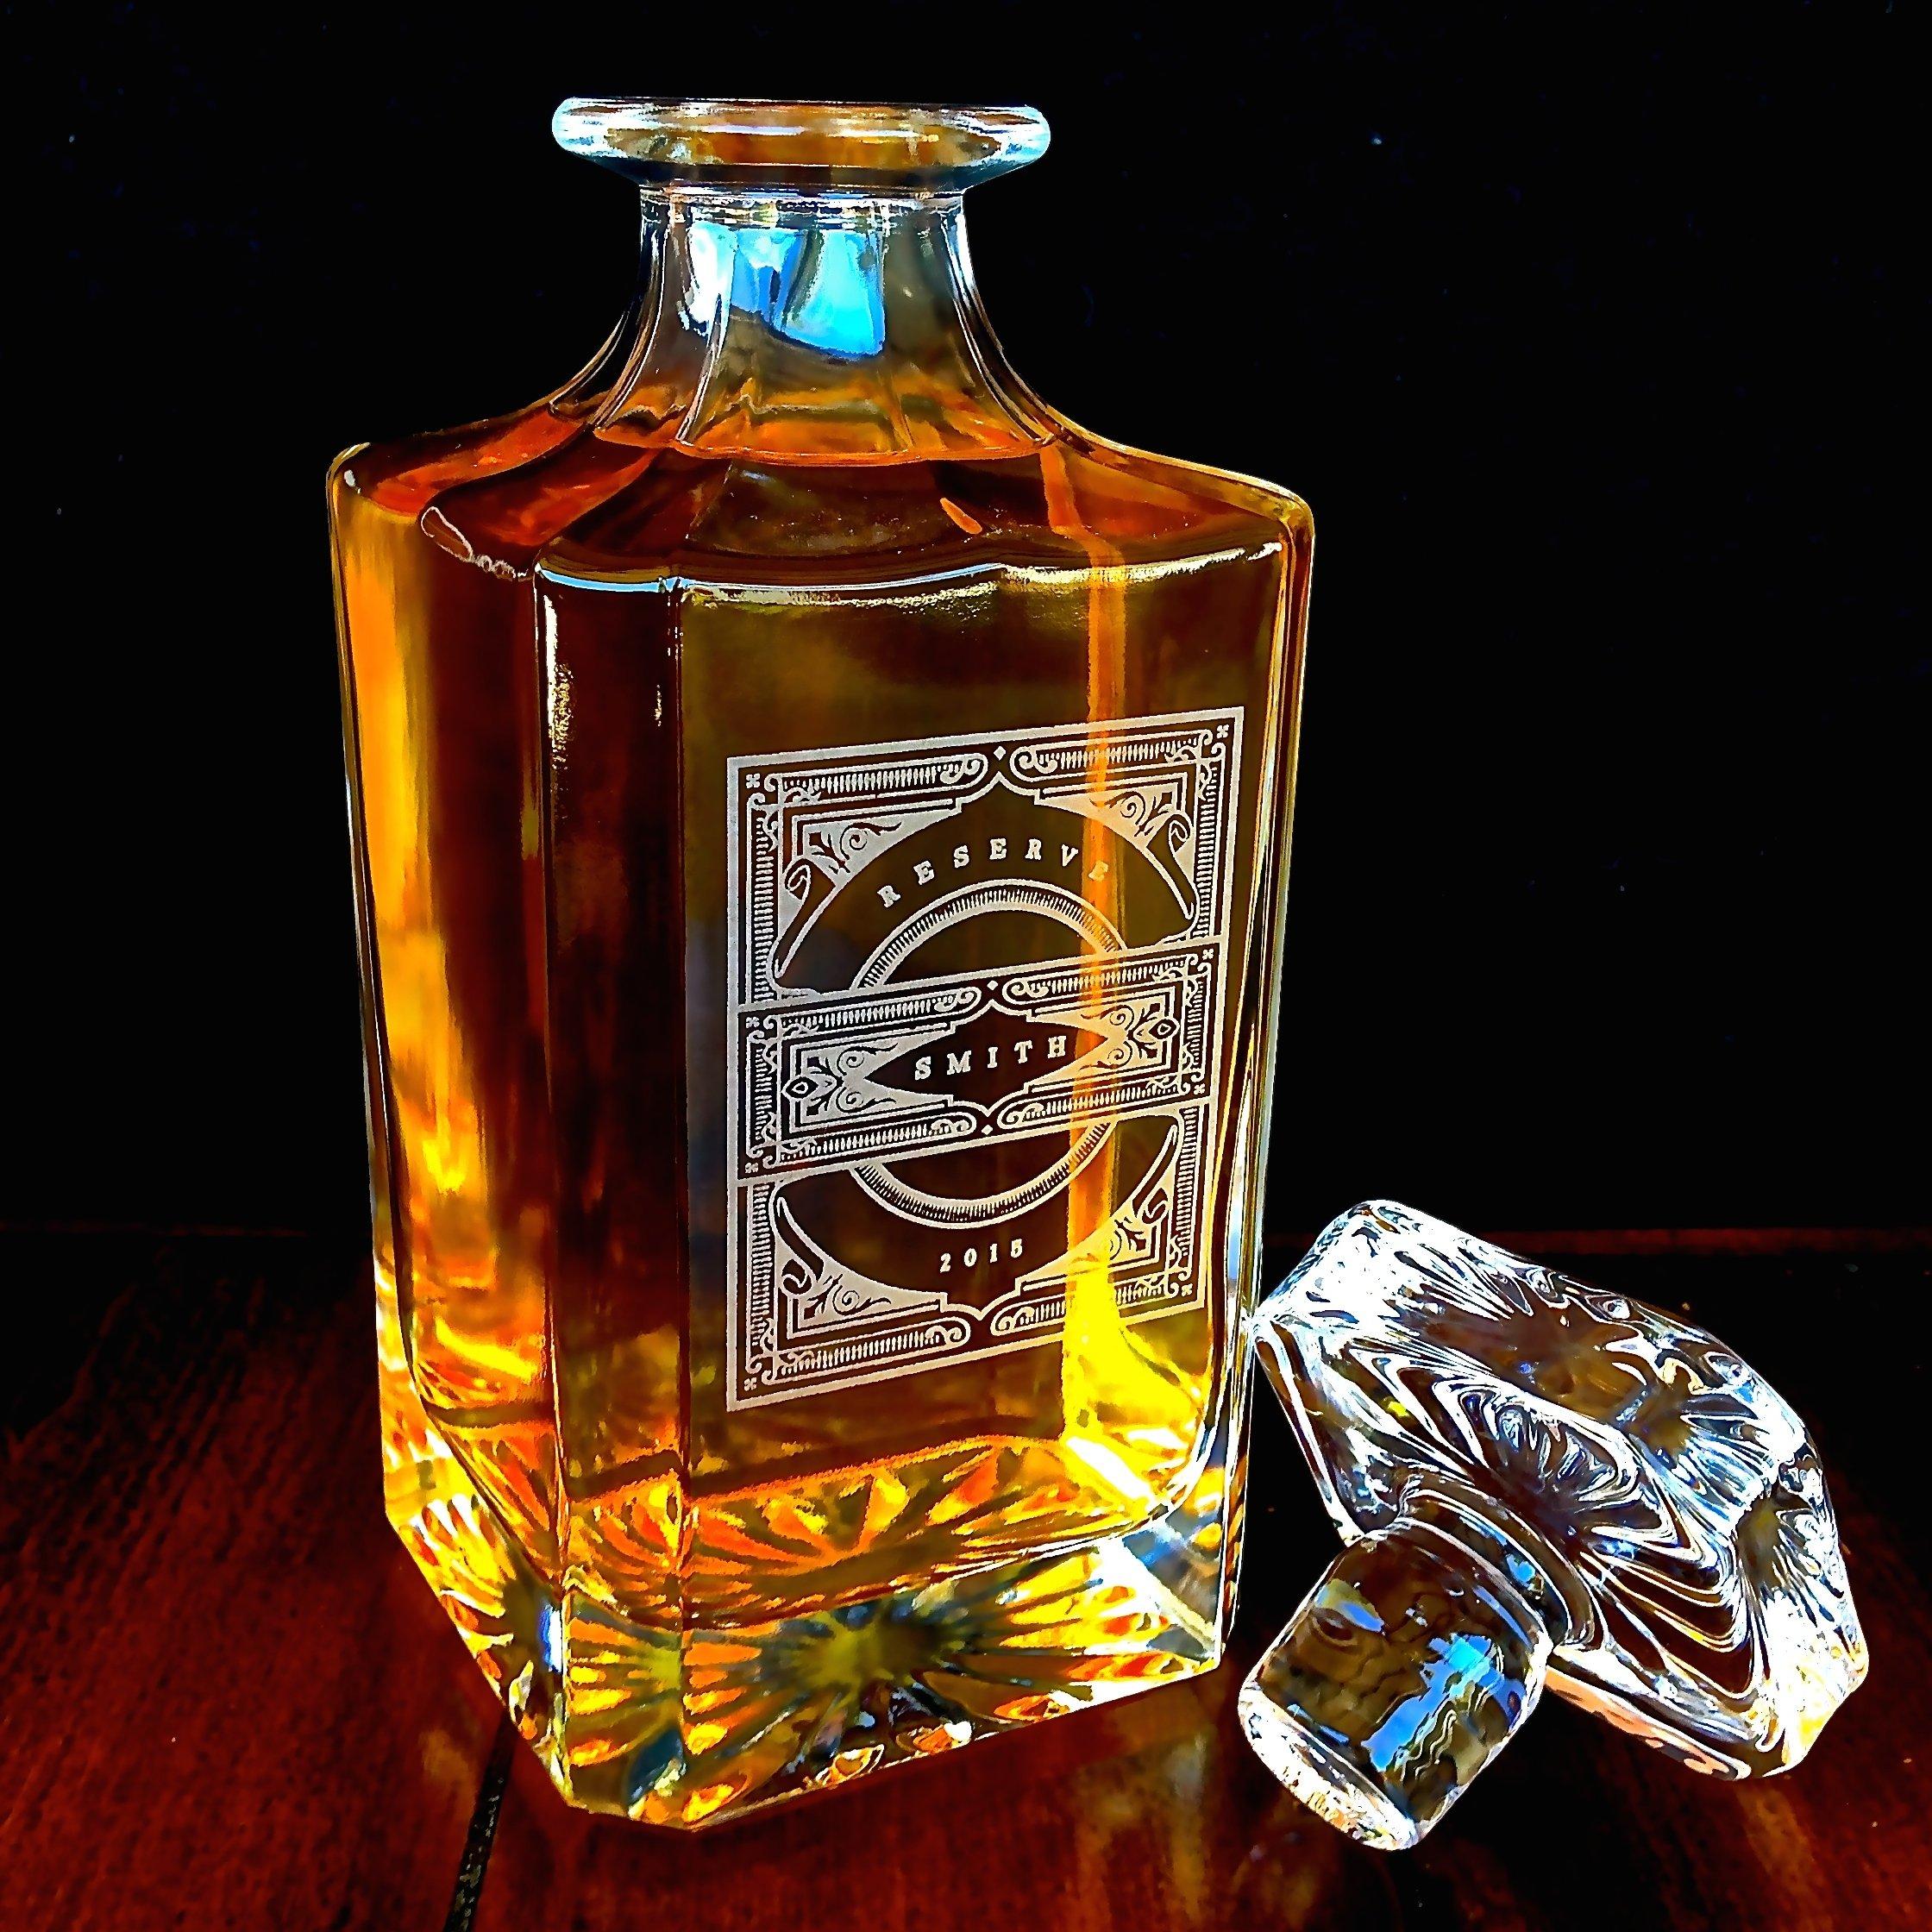 виски в квадратной бутылке фото спицу